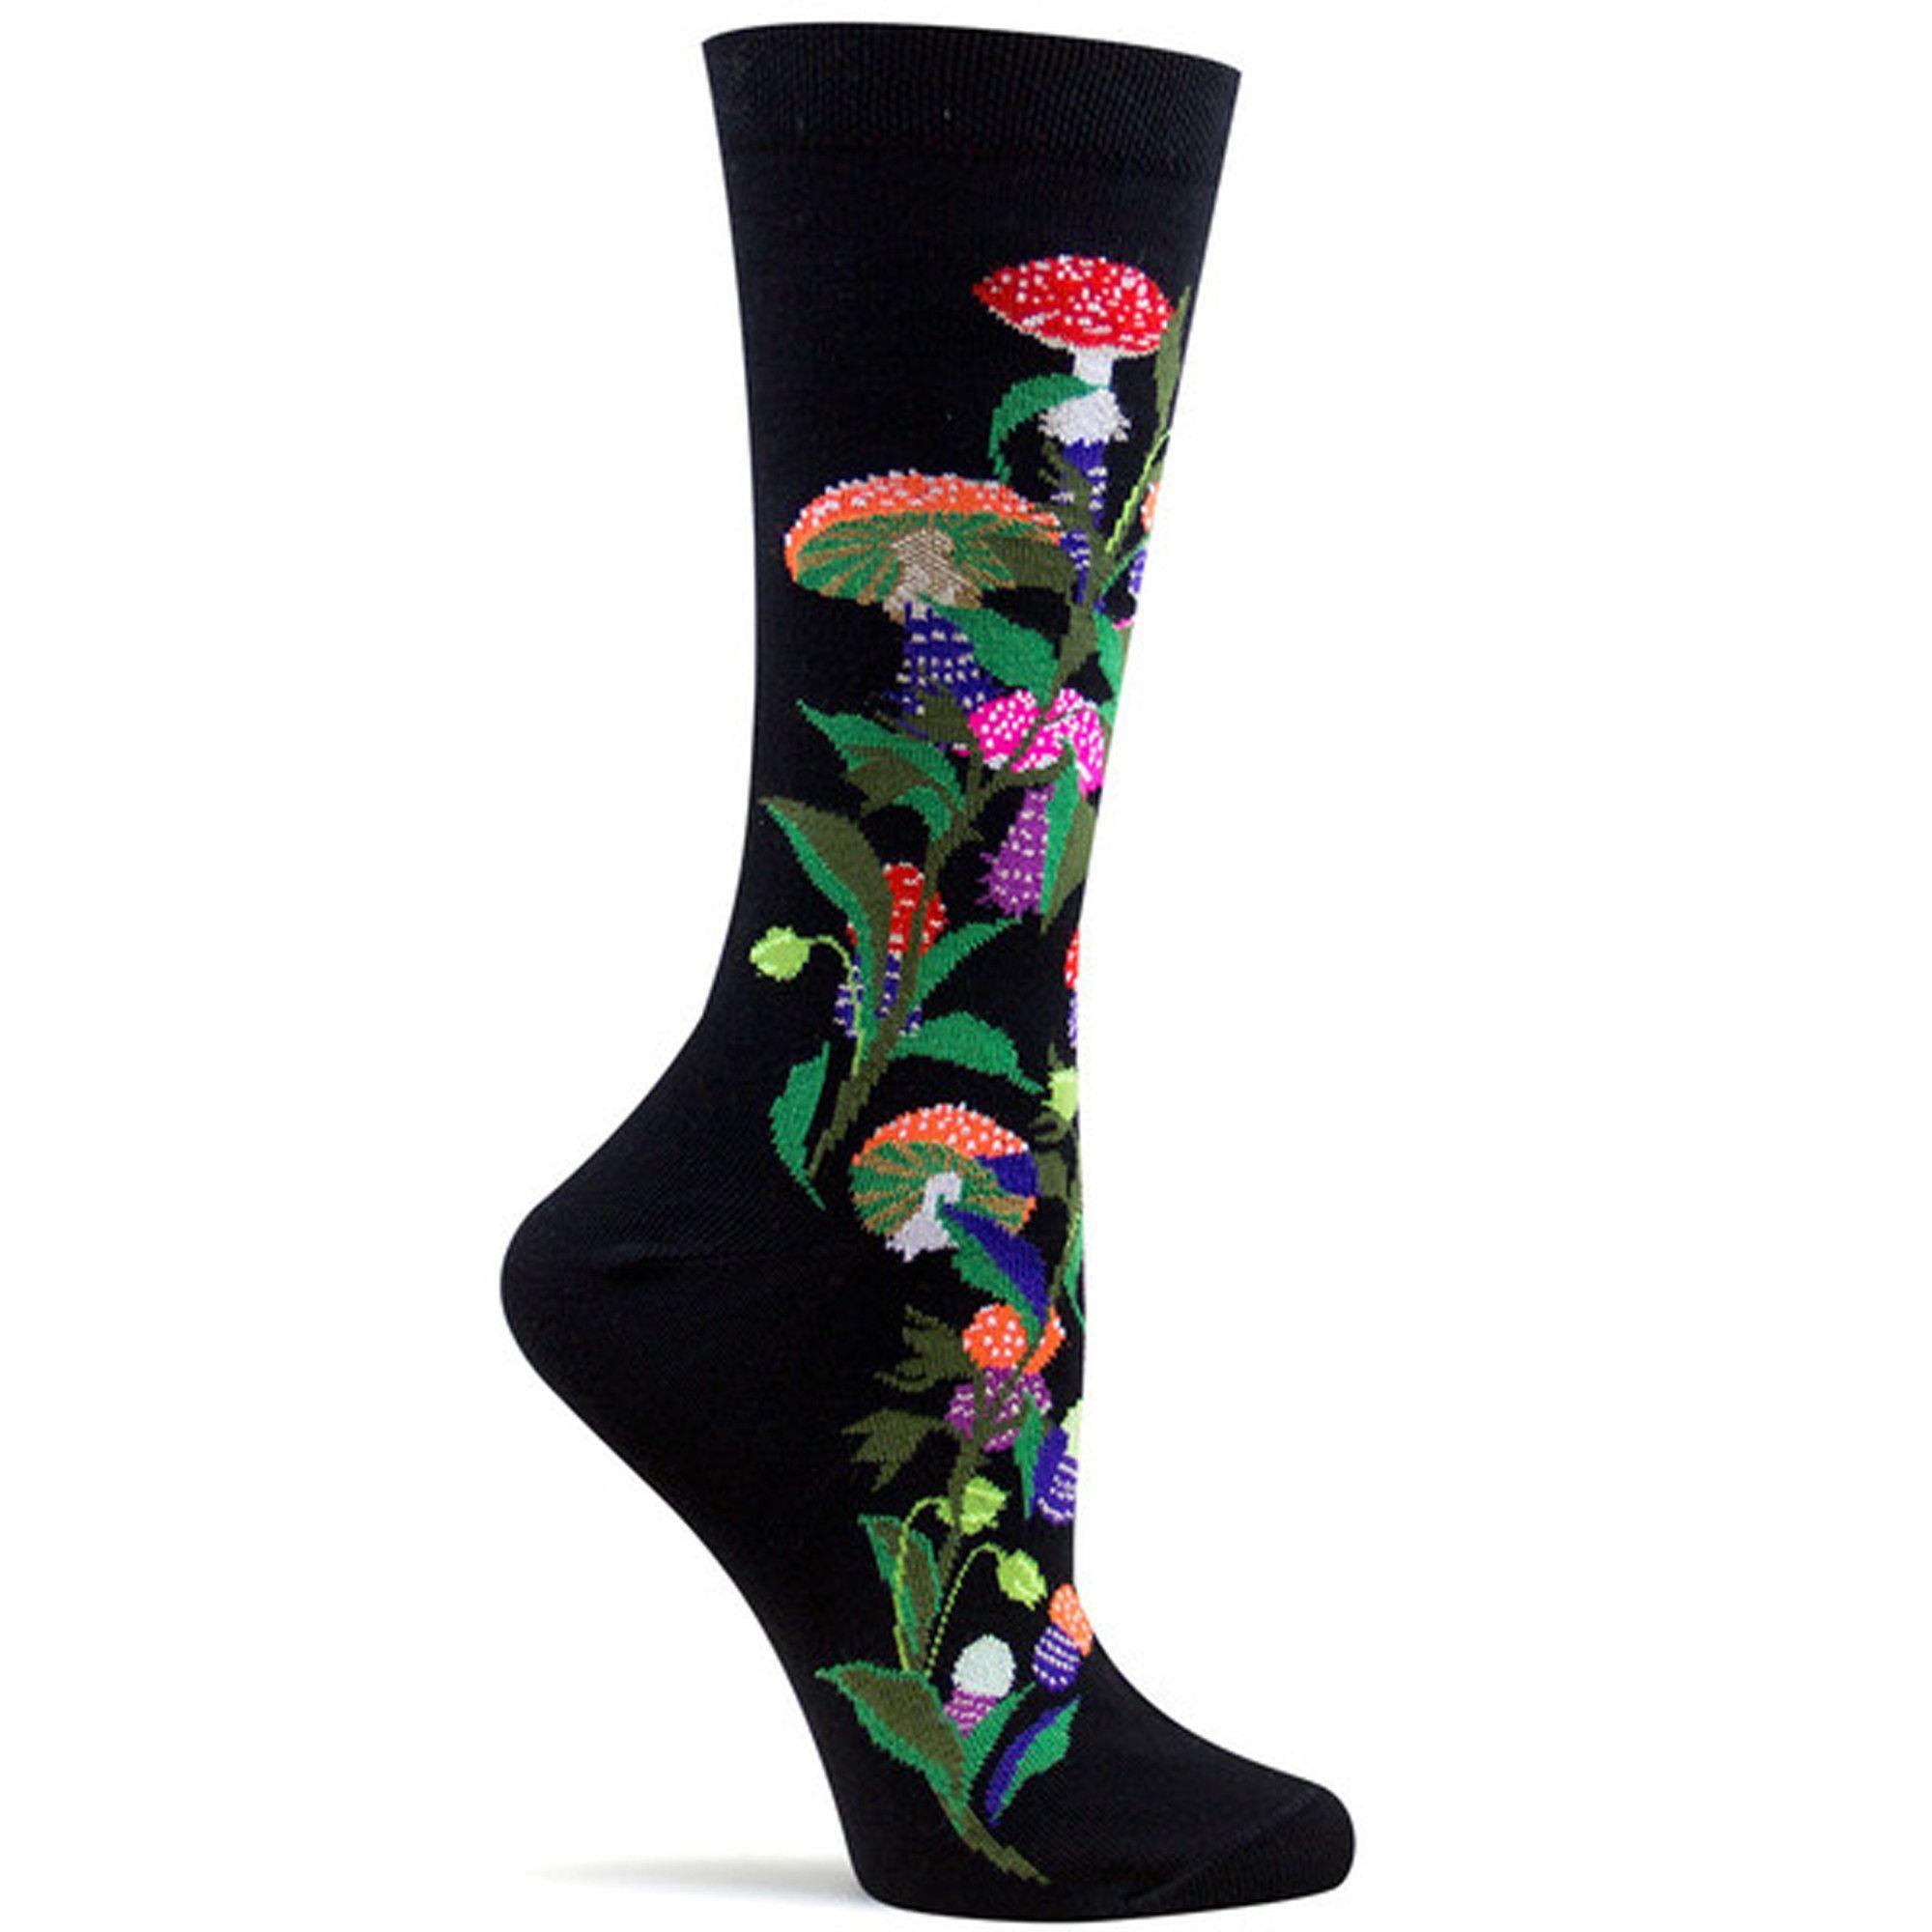 Amanita Muscaria Sock